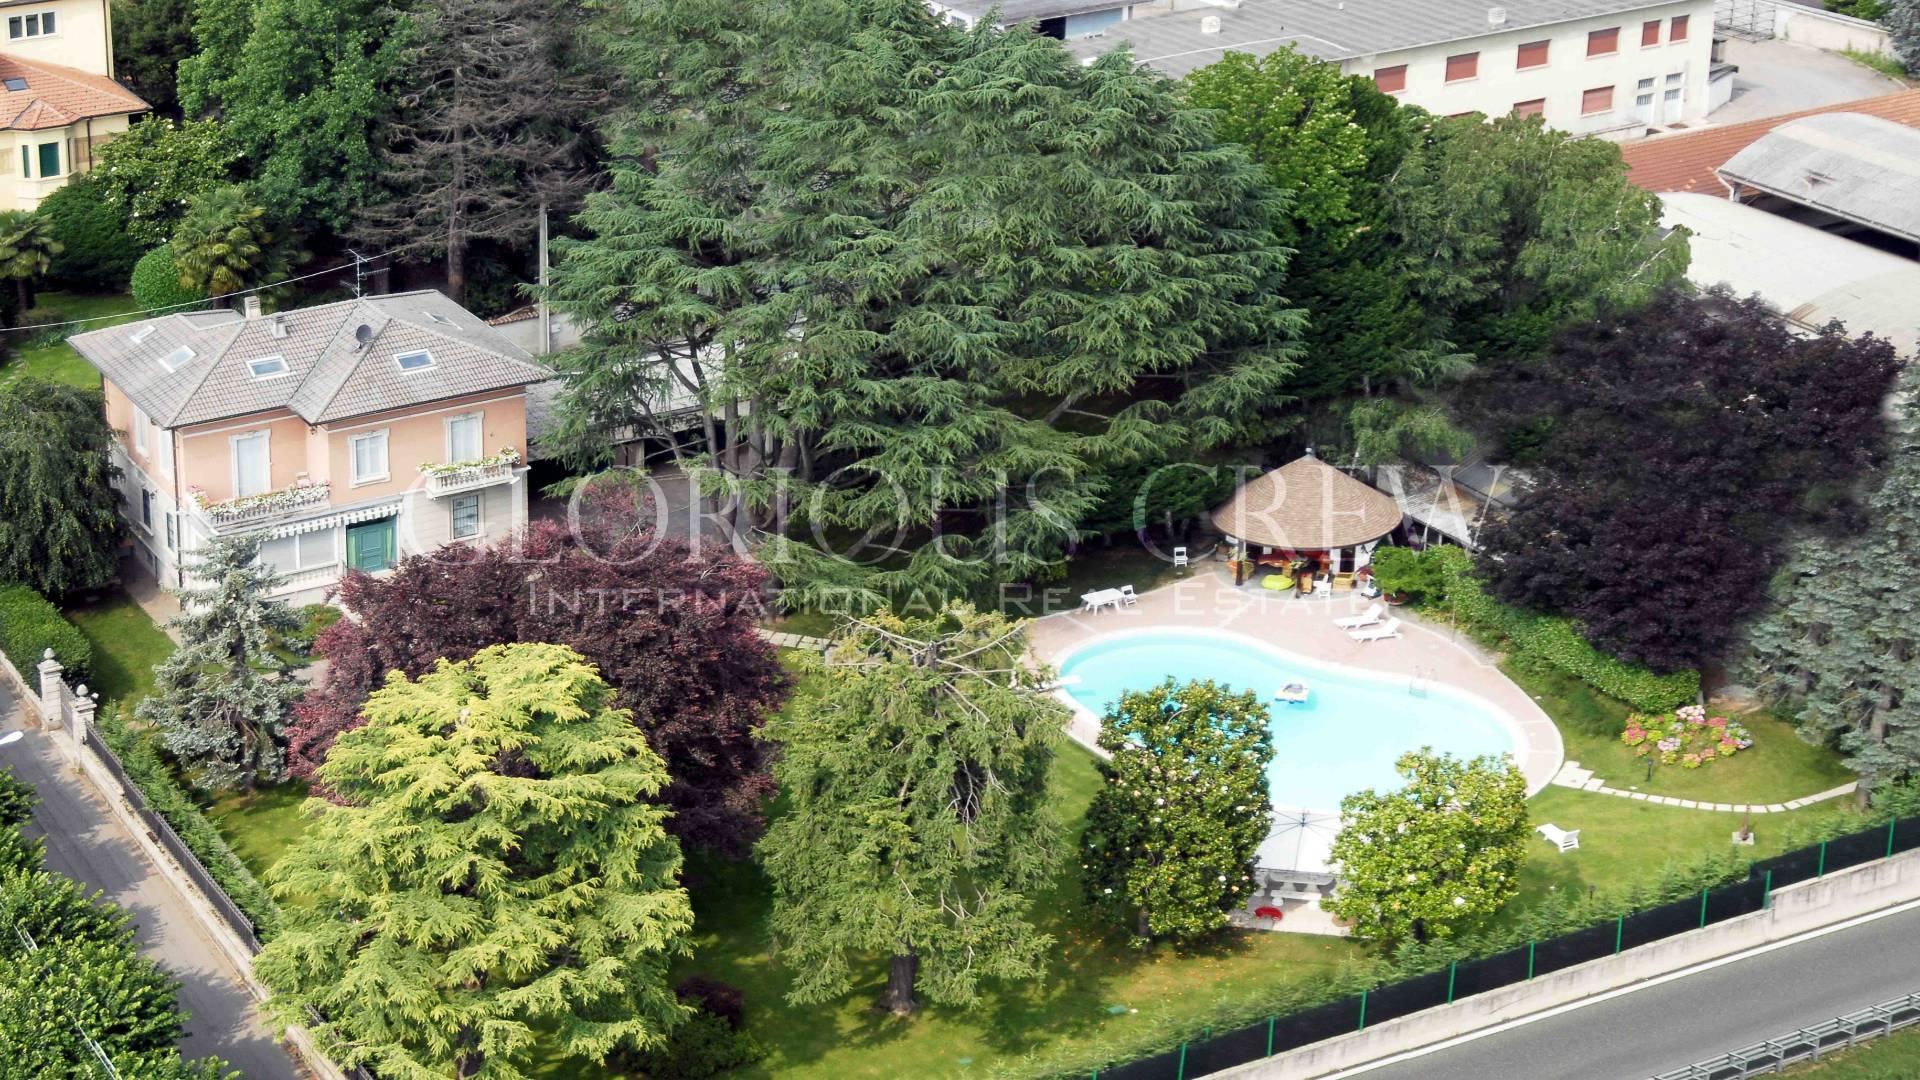 Villa in Vendita a Solbiate Arno: 5 locali, 378 mq